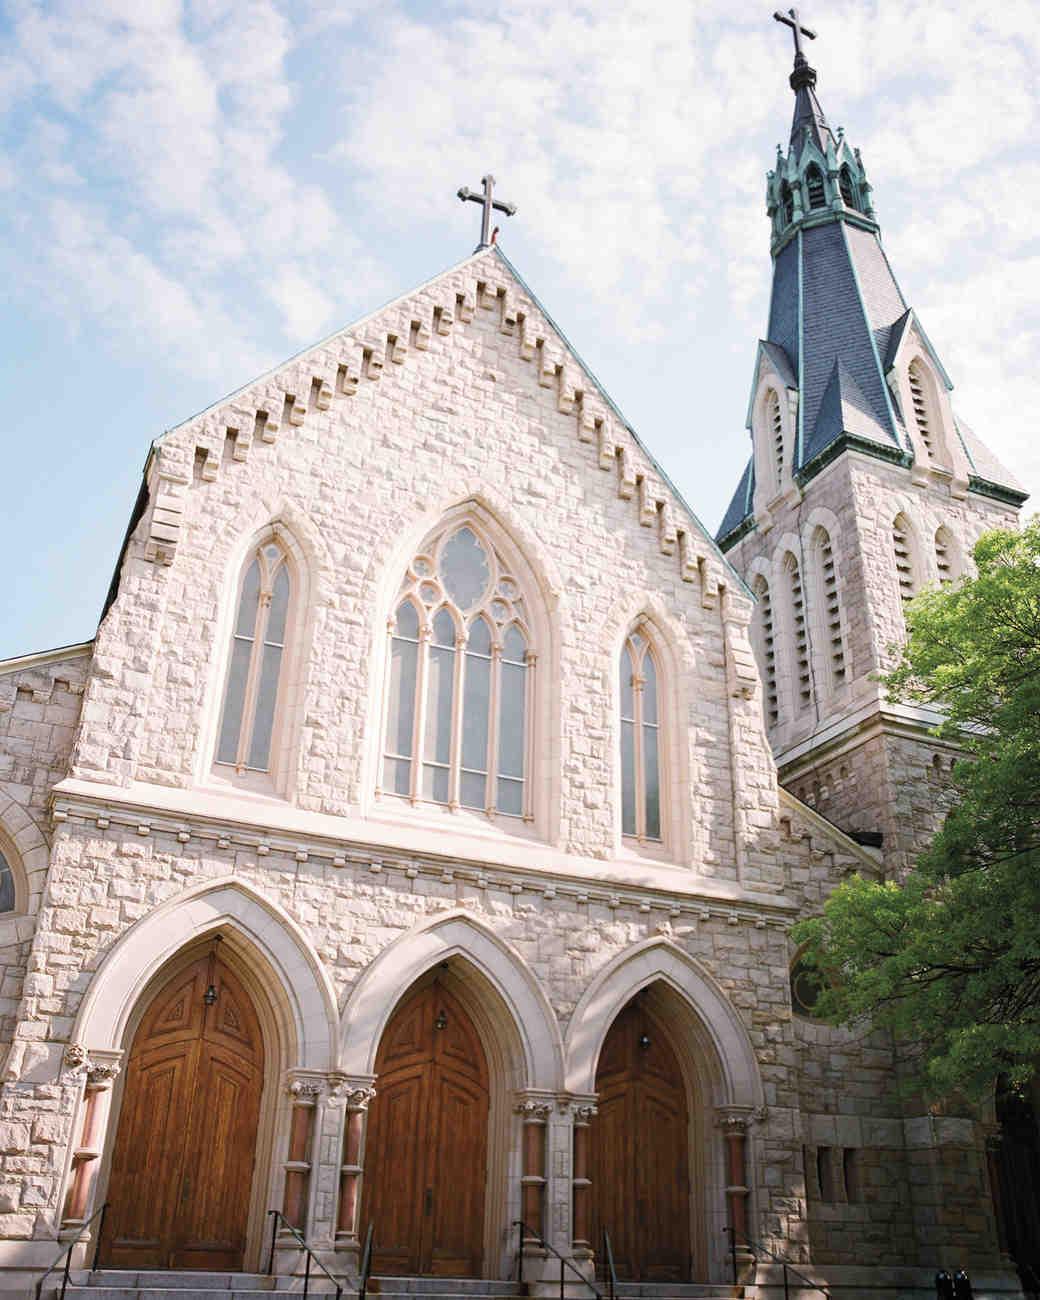 alanna-craig-church-0365-mwds110658.jpg